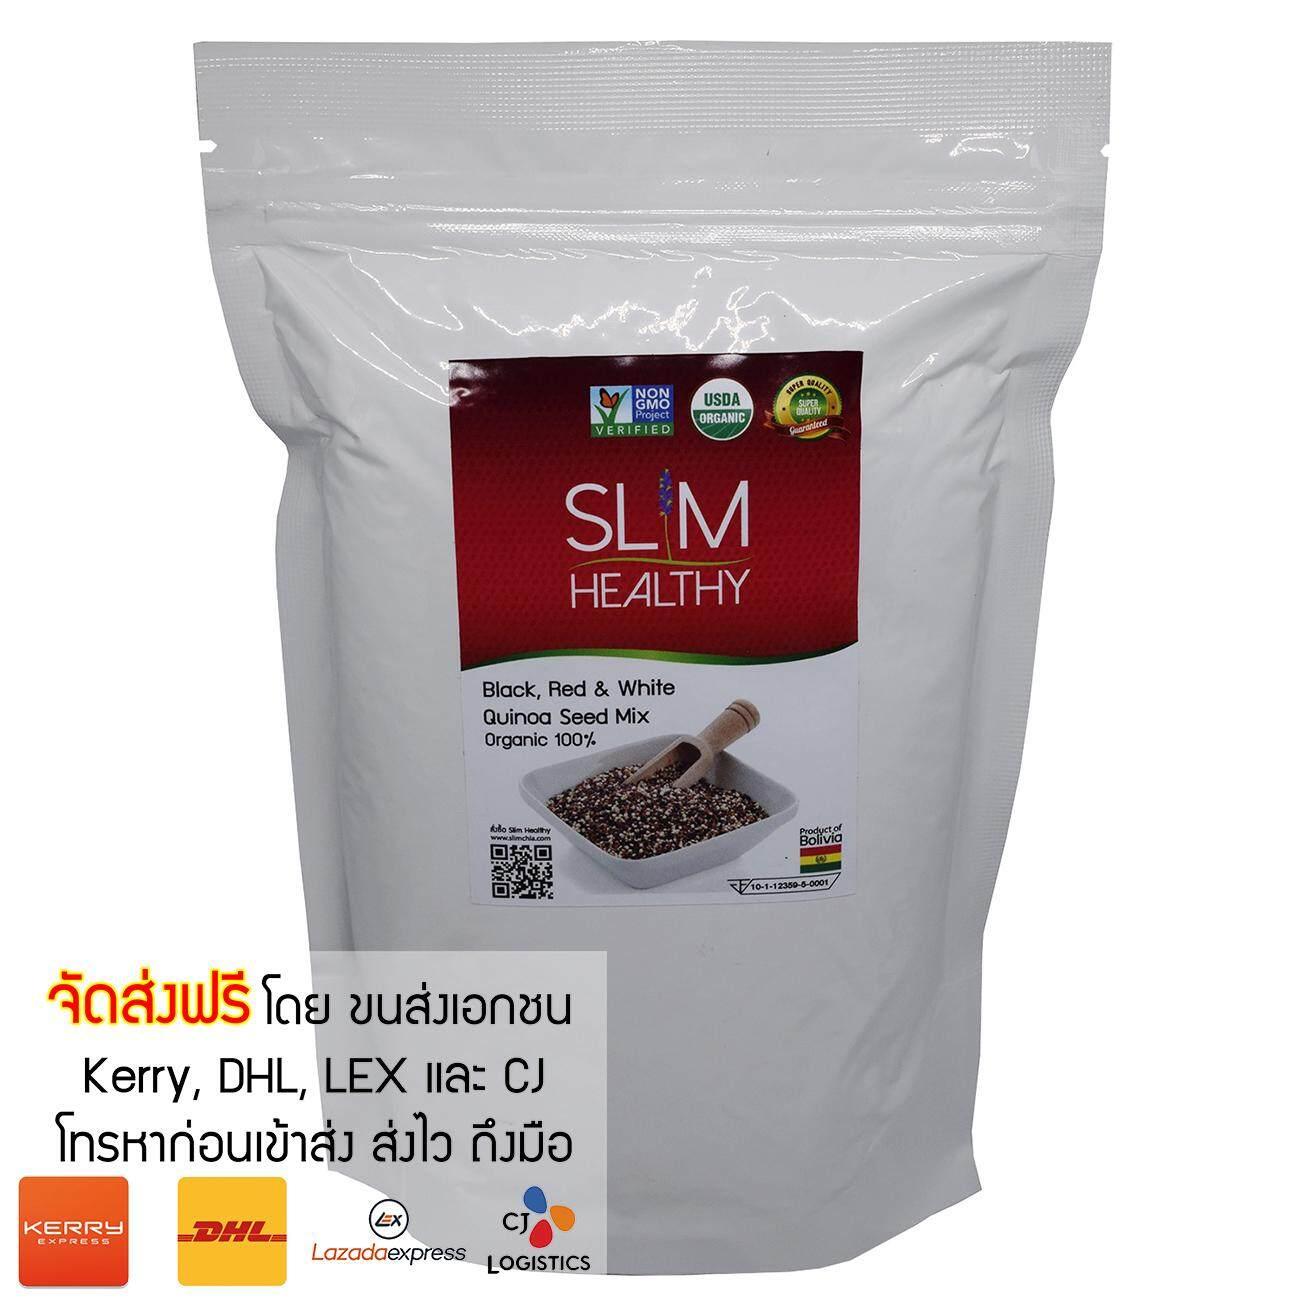 ควินัว 3 สี 500 กรัม คีนัว คินัว ควีนัว ออร์แกนิค Slim Healthy Quinoa Seed Mix Organic มาตรฐาน อย. และ Usda จาก ประเทศ สหรัฐอเมริกา.